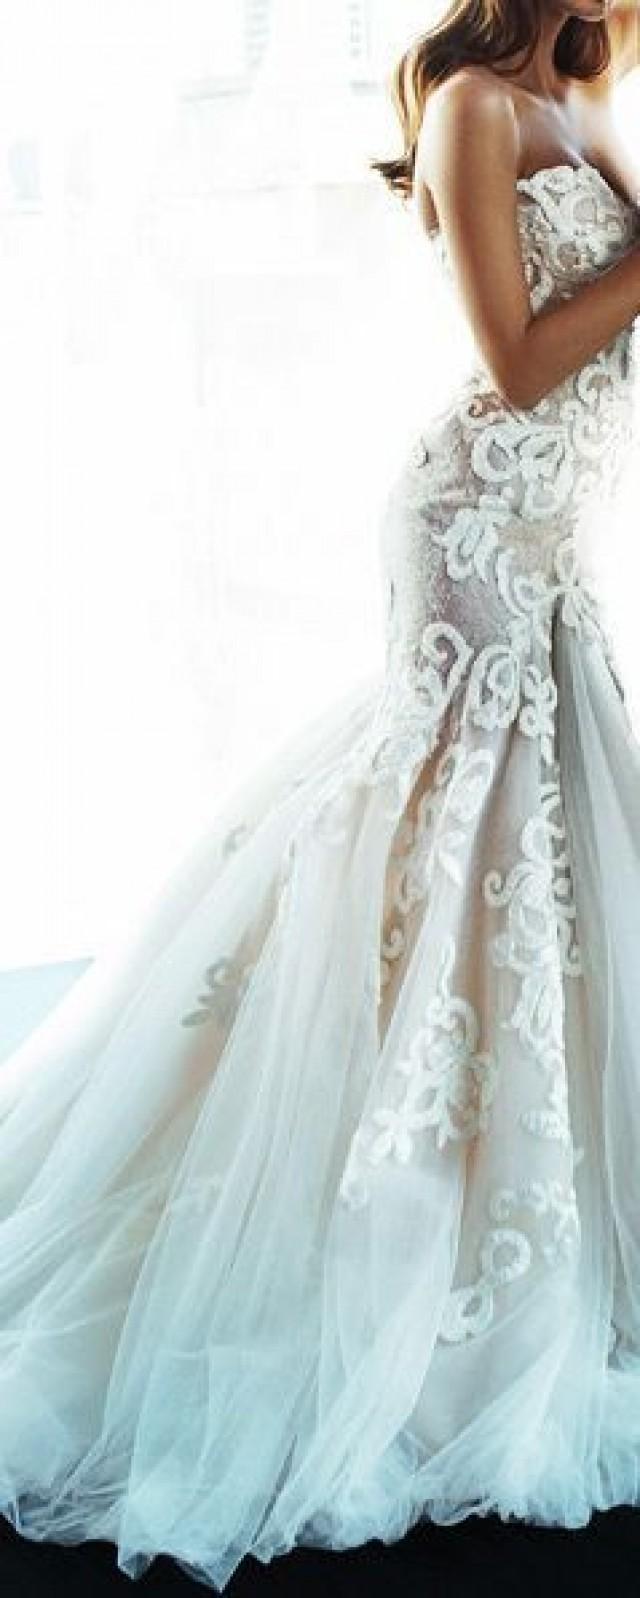 Wedding dresses unique wedding dress 2068710 weddbook for Unusual dresses to wear to a wedding